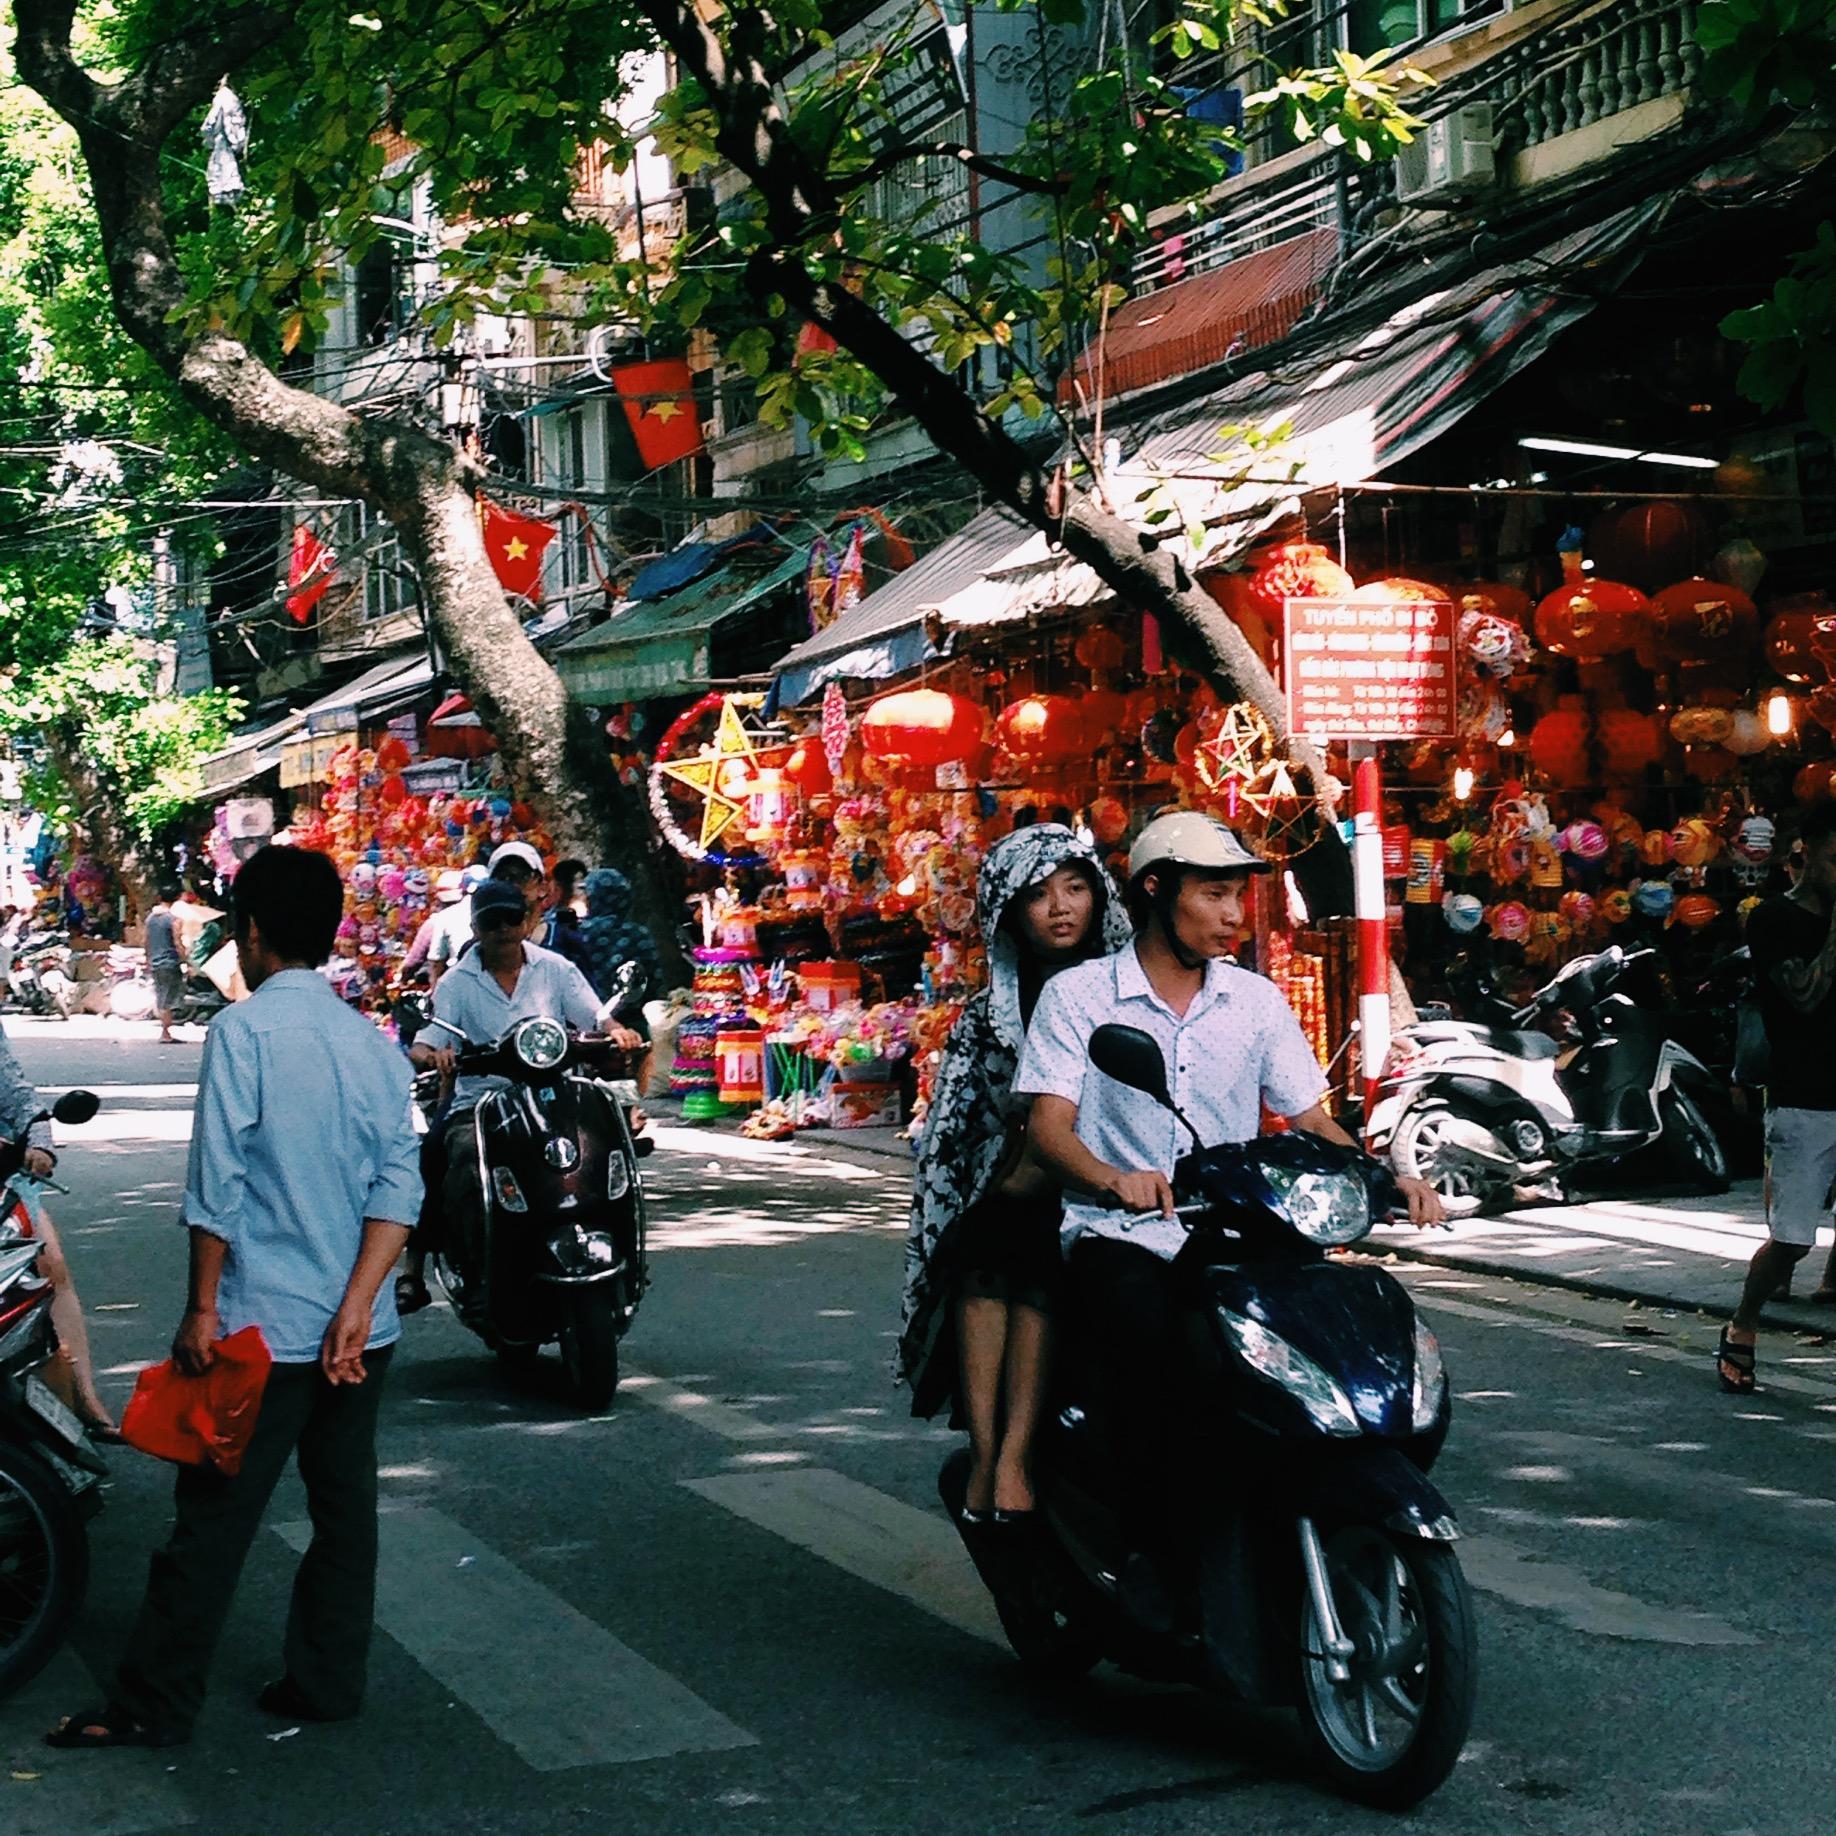 越南河内骑摩托车的夫妇- illumelation.combeplay3体育官方下载